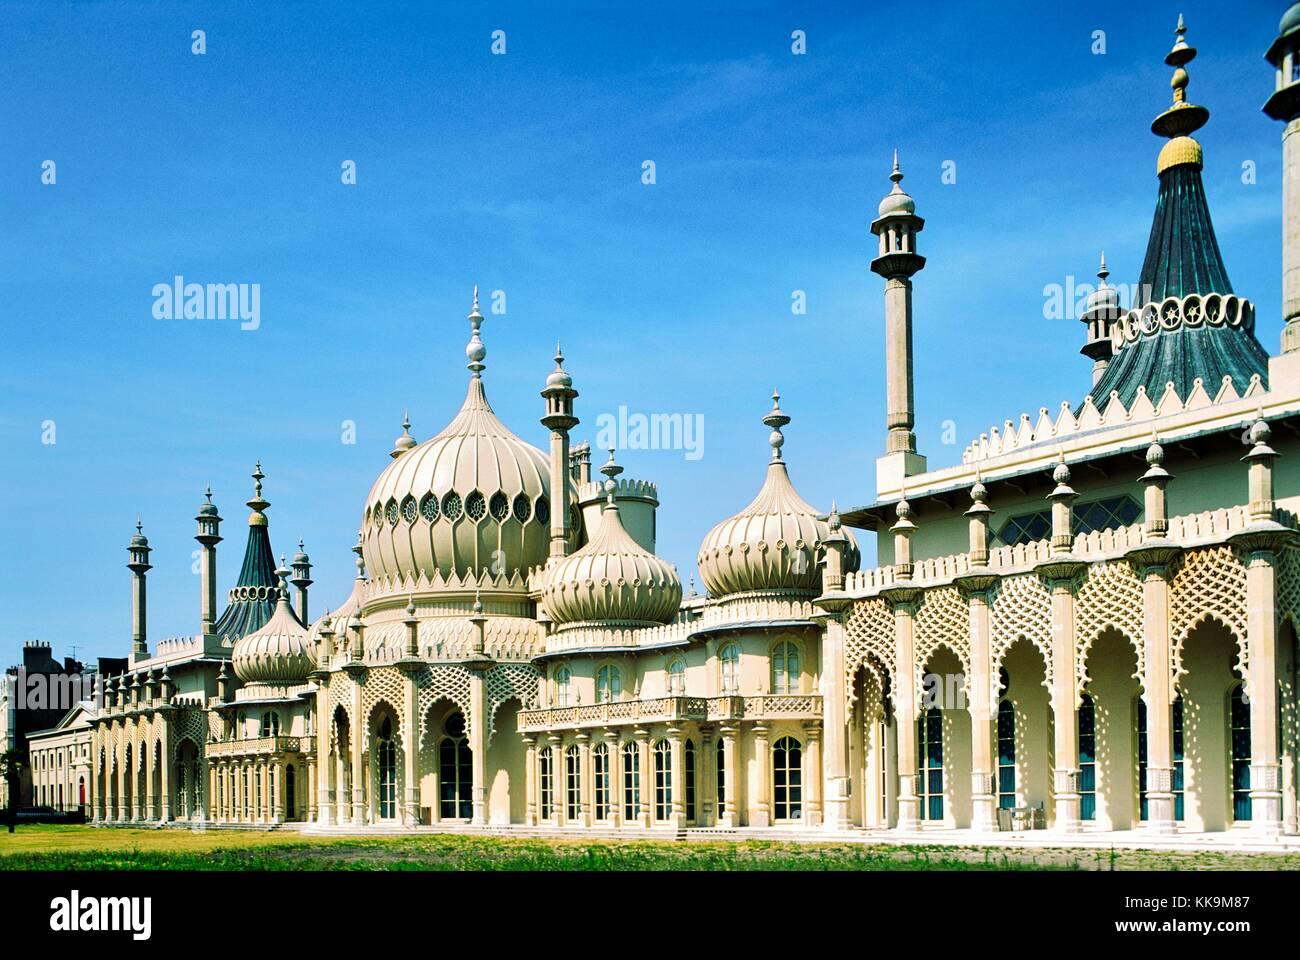 Brighton Royal Pavilion construido en 1822 por el rey George IV. diseñada por John Nash. East Sussex, Inglaterra. Imagen De Stock